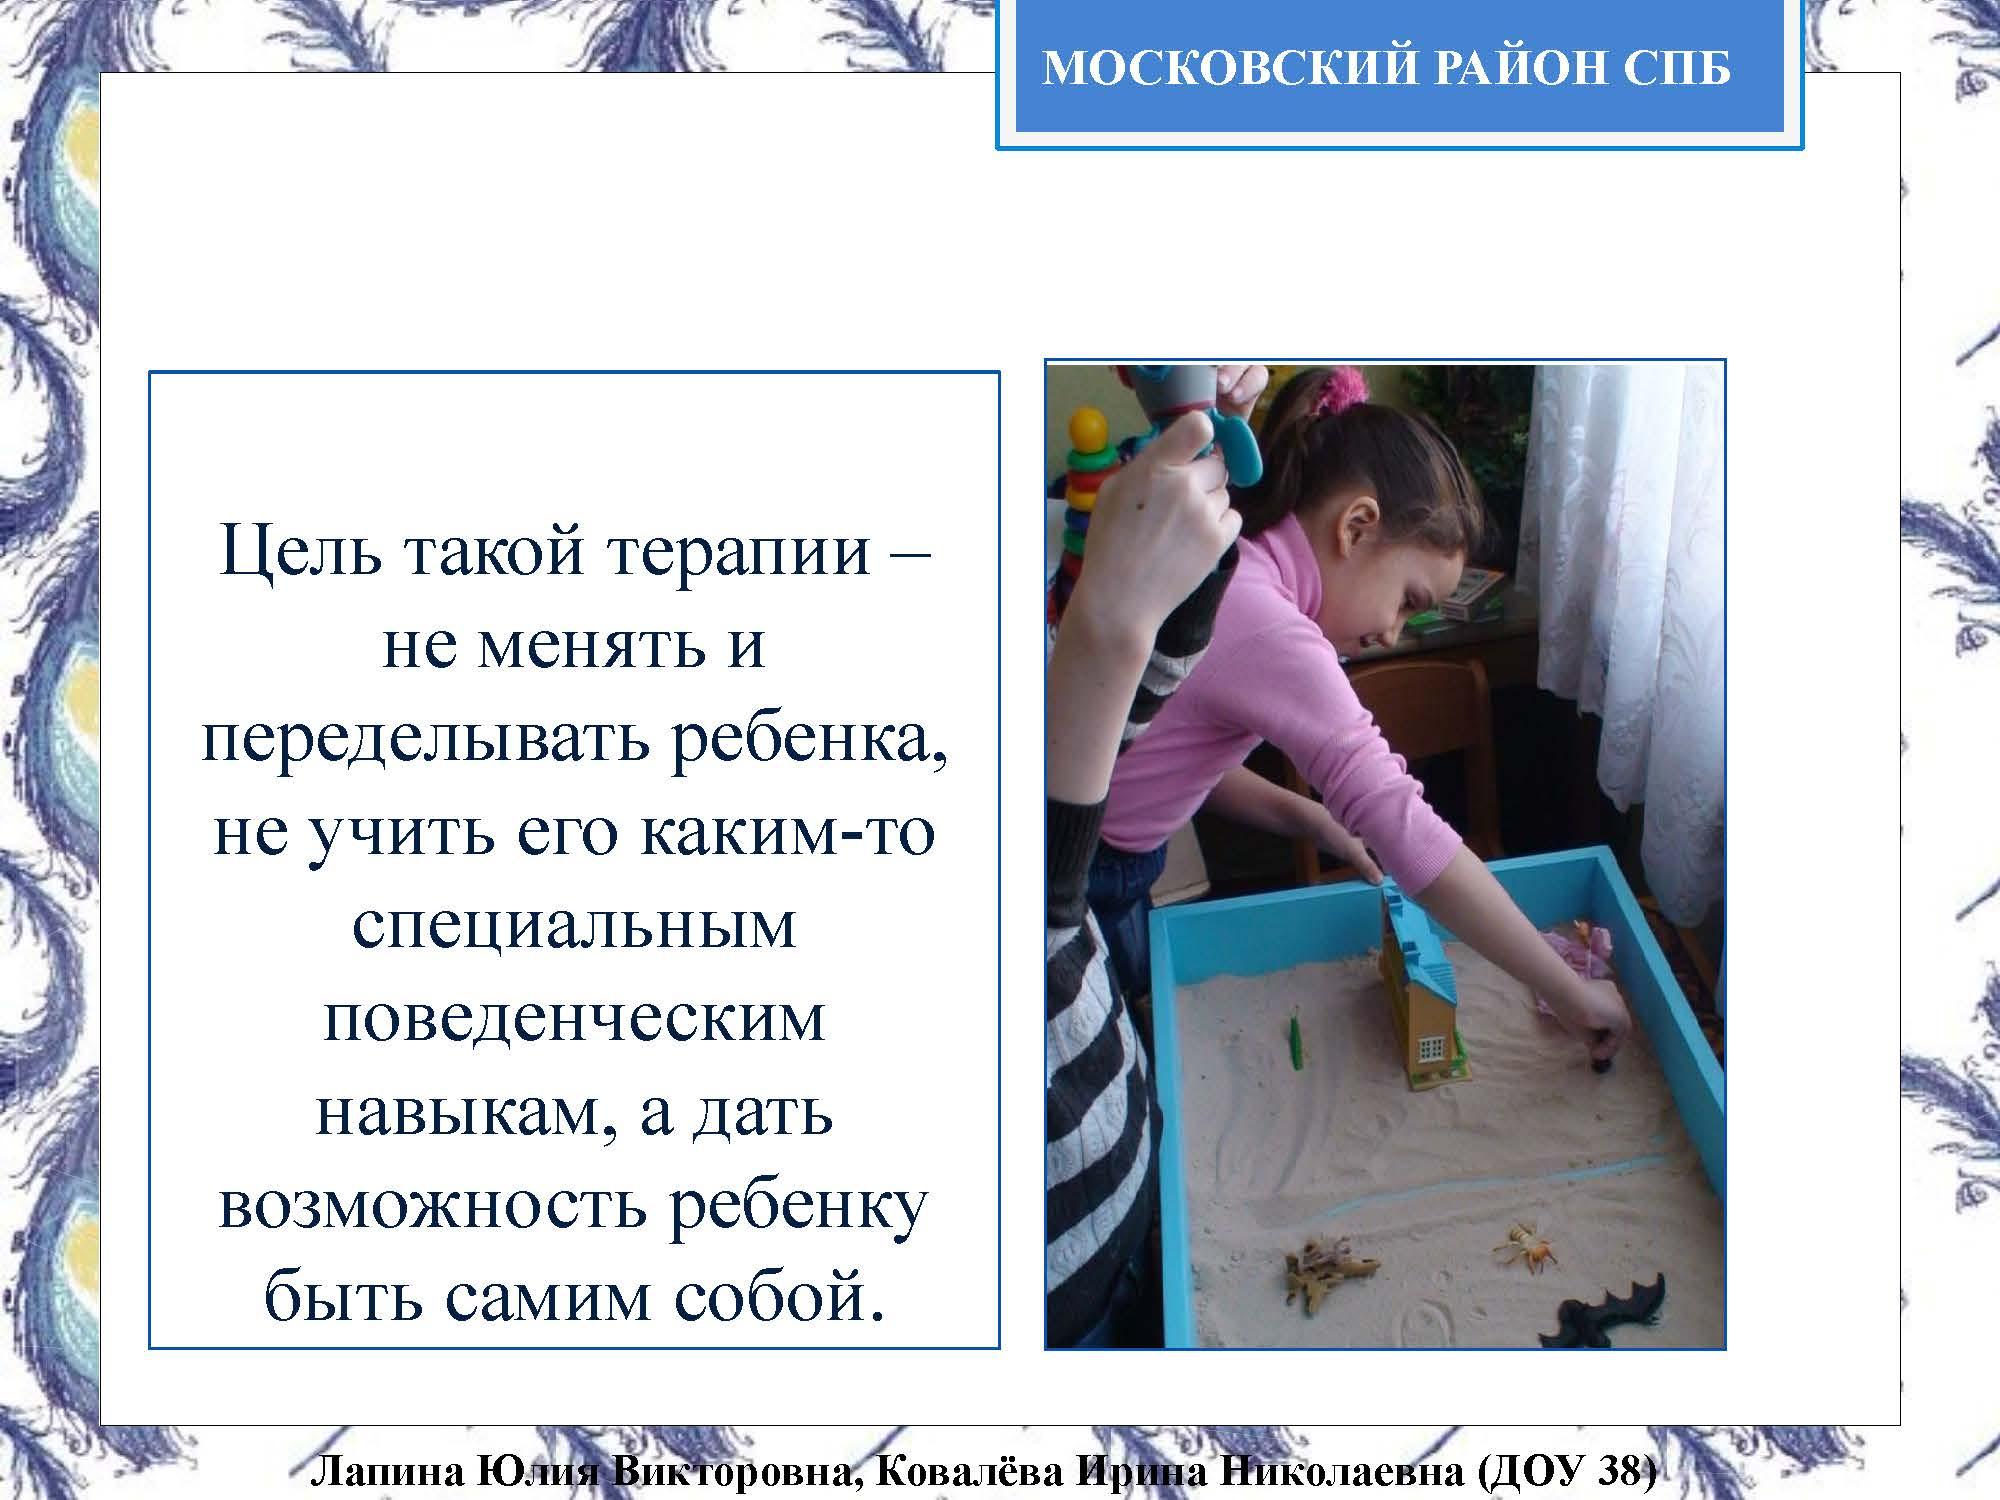 Секция 8. ДОУ 38, Московский район_Страница_23